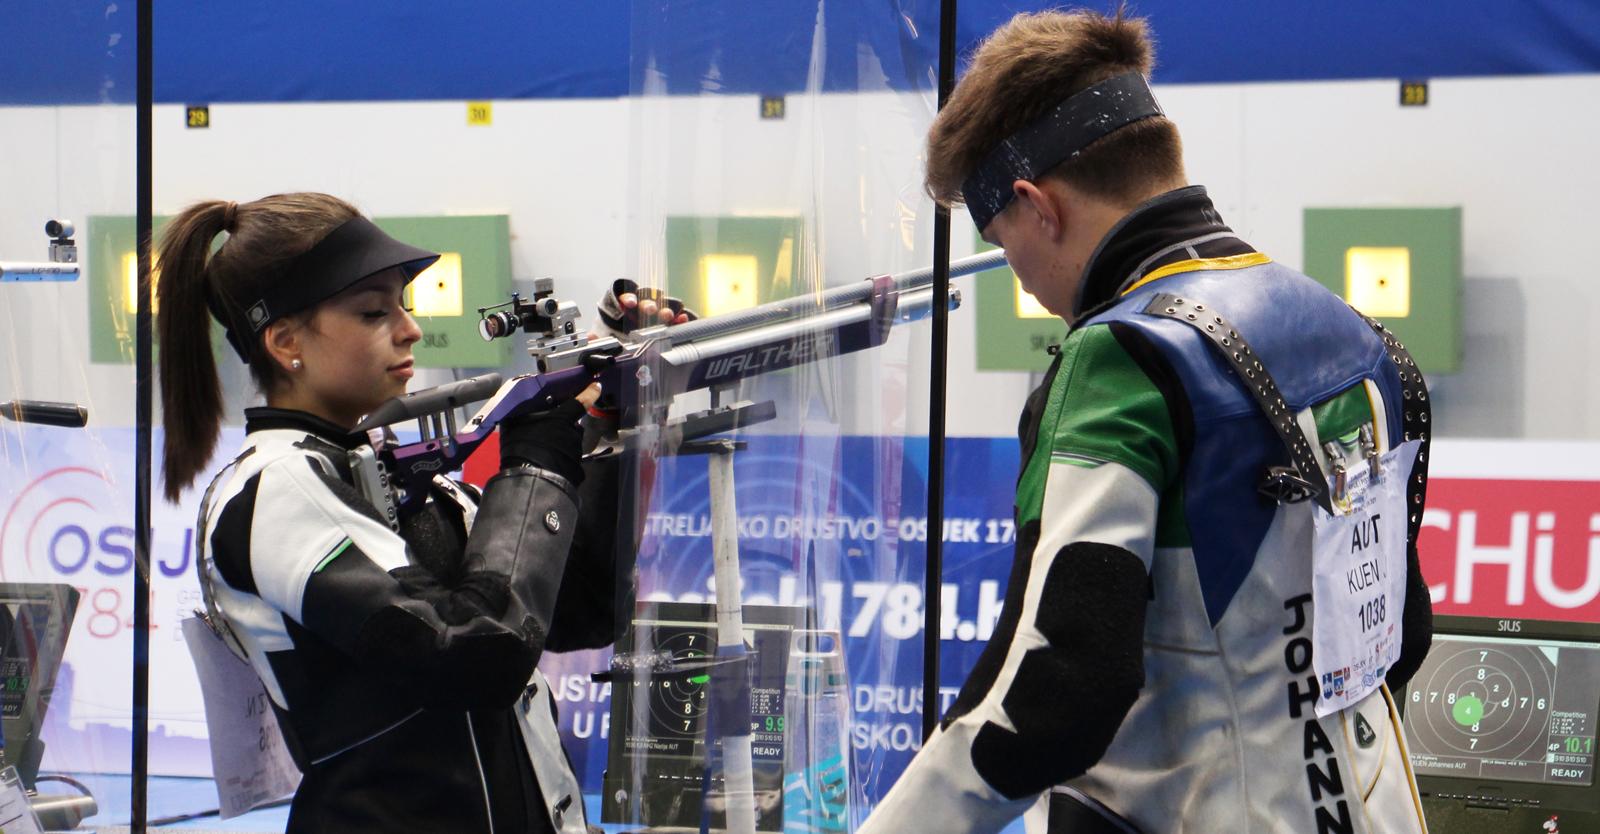 Nadja Krainz und Johannes Kuen im Luftgewehr Mixed Team © Margit Melmer, ÖSB